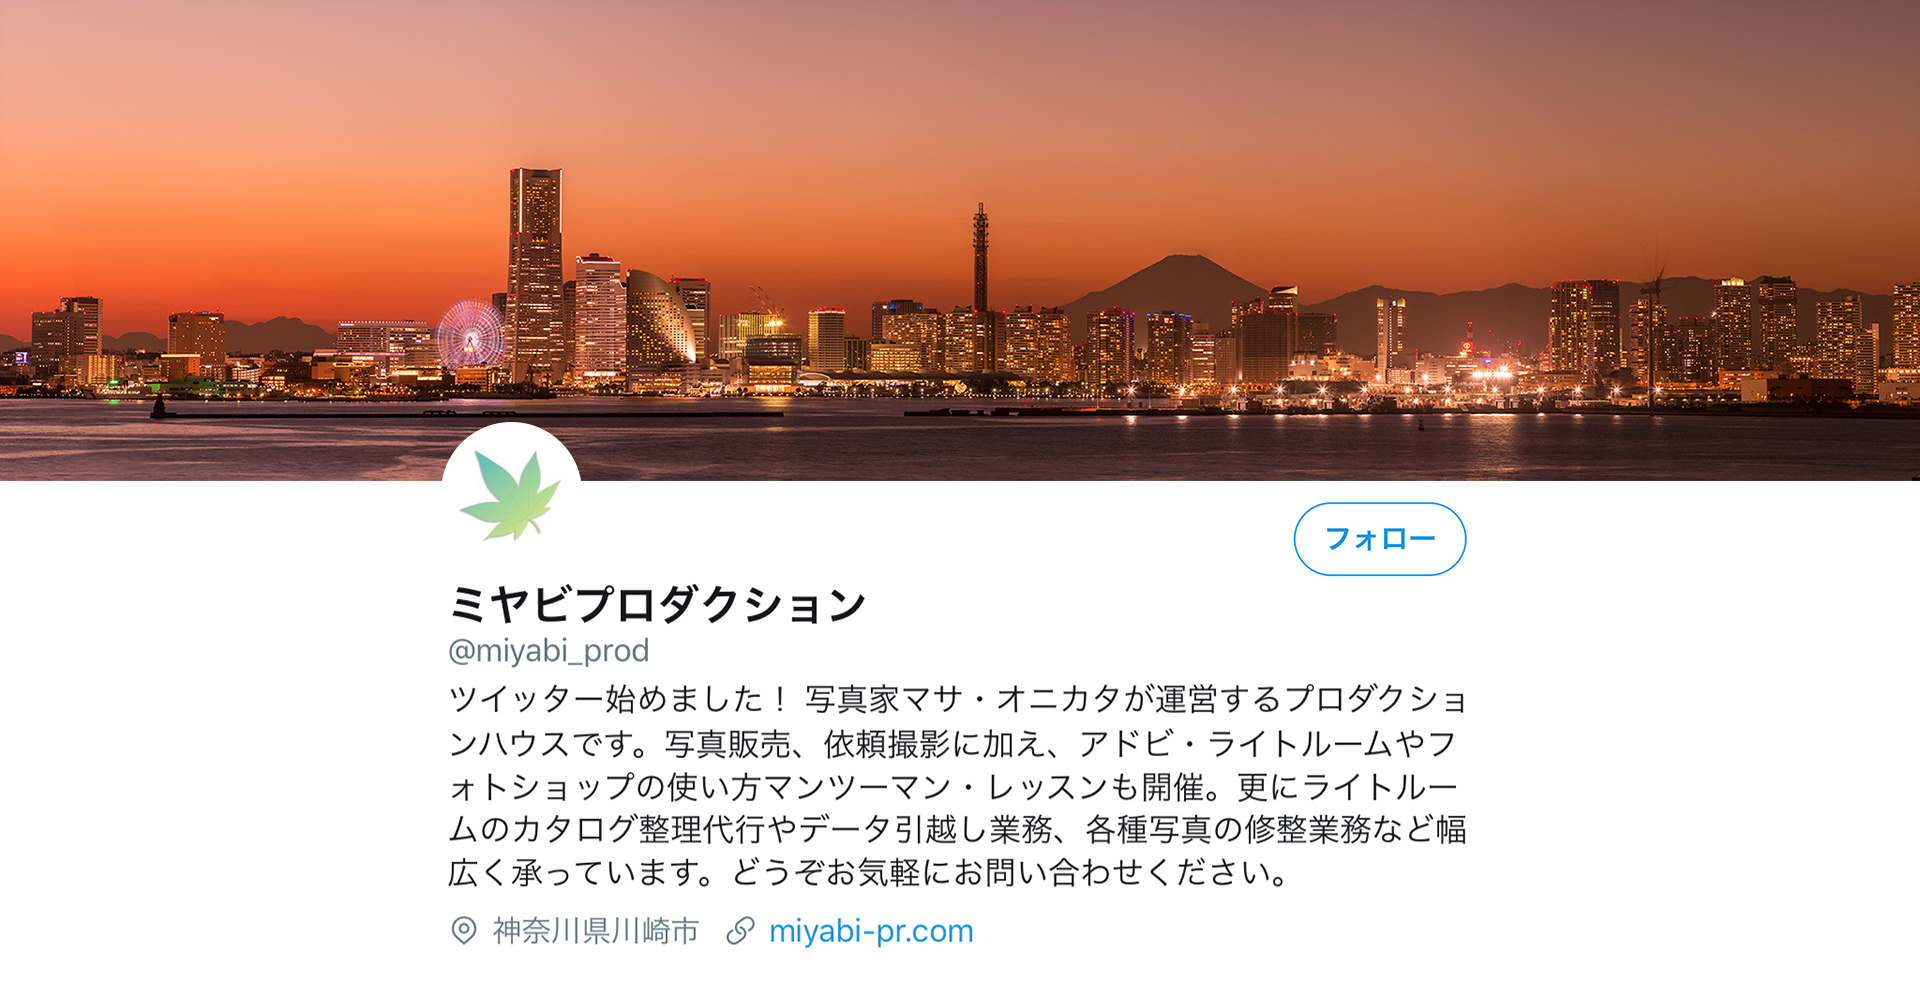 ミヤビプロダクション-Twitter画面